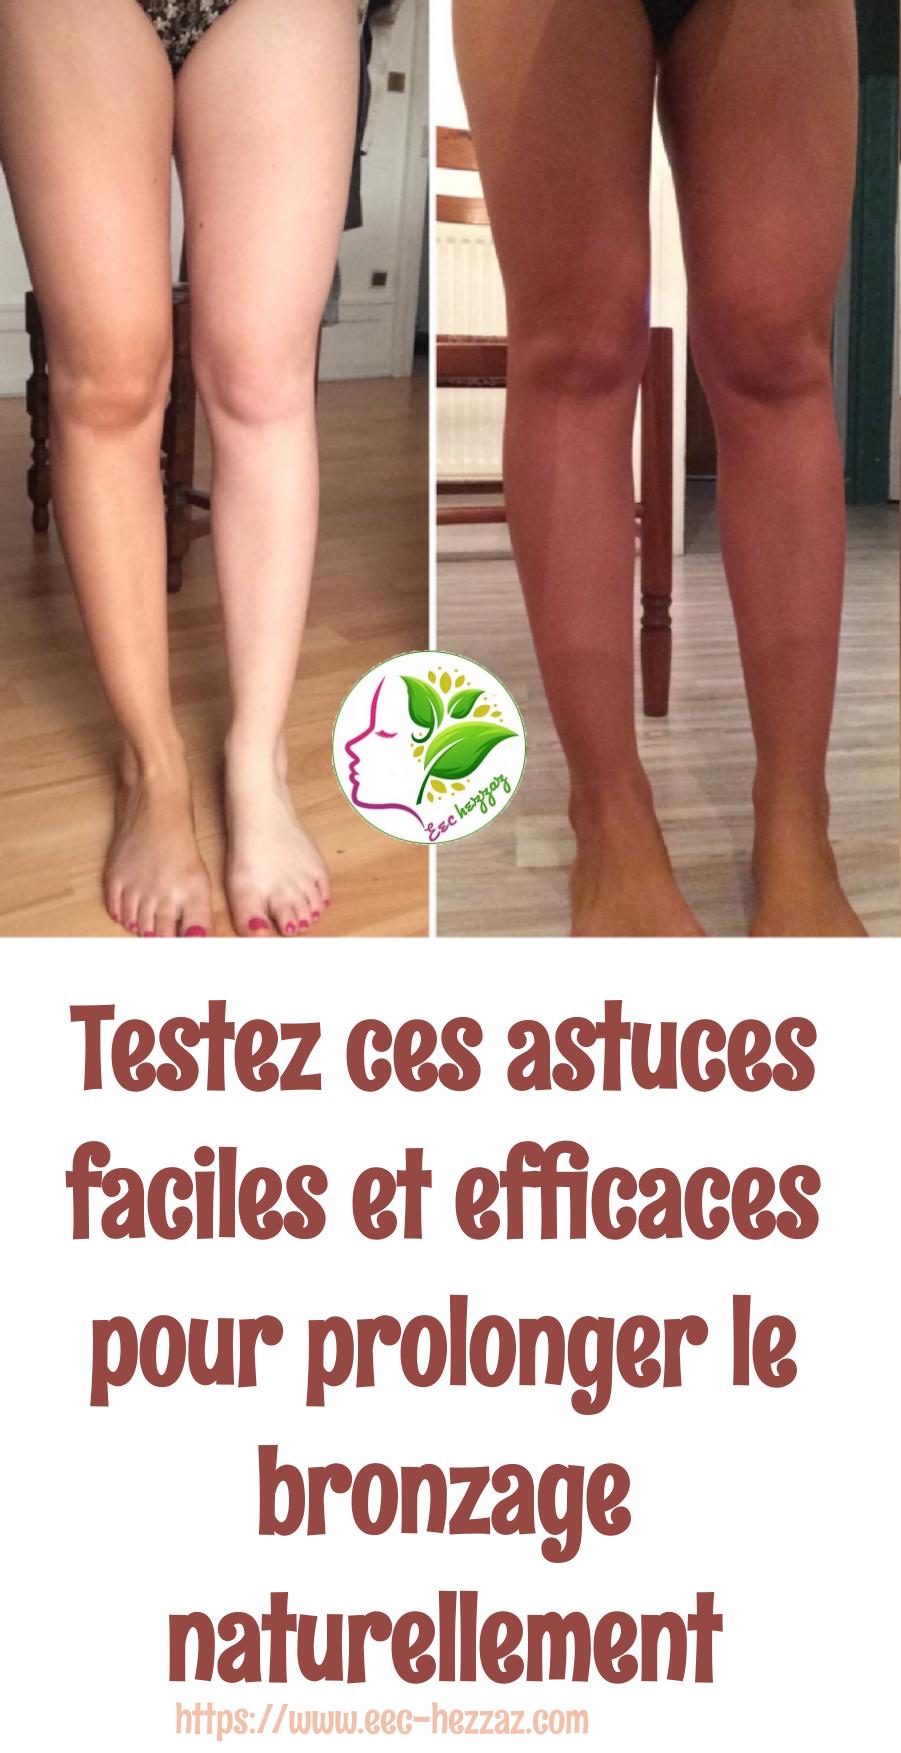 Testez ces astuces faciles et efficaces pour prolonger le bronzage naturellement